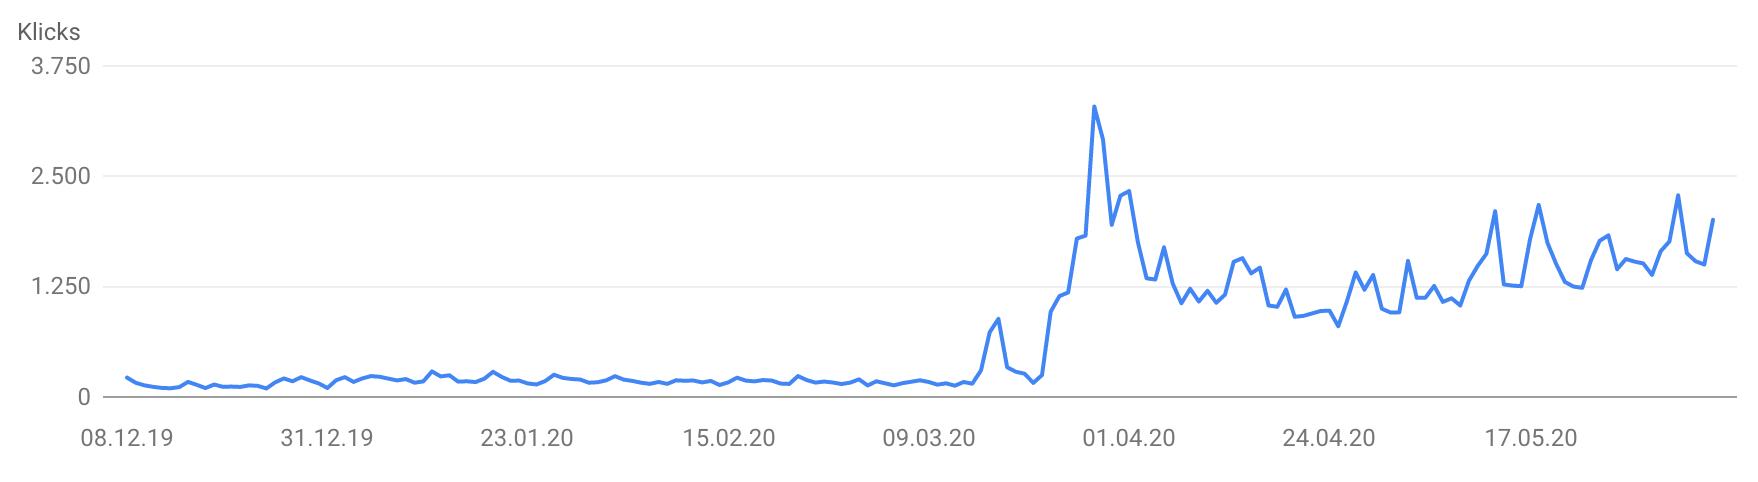 Enormer Traffic-Anstieg in der Coronakrise